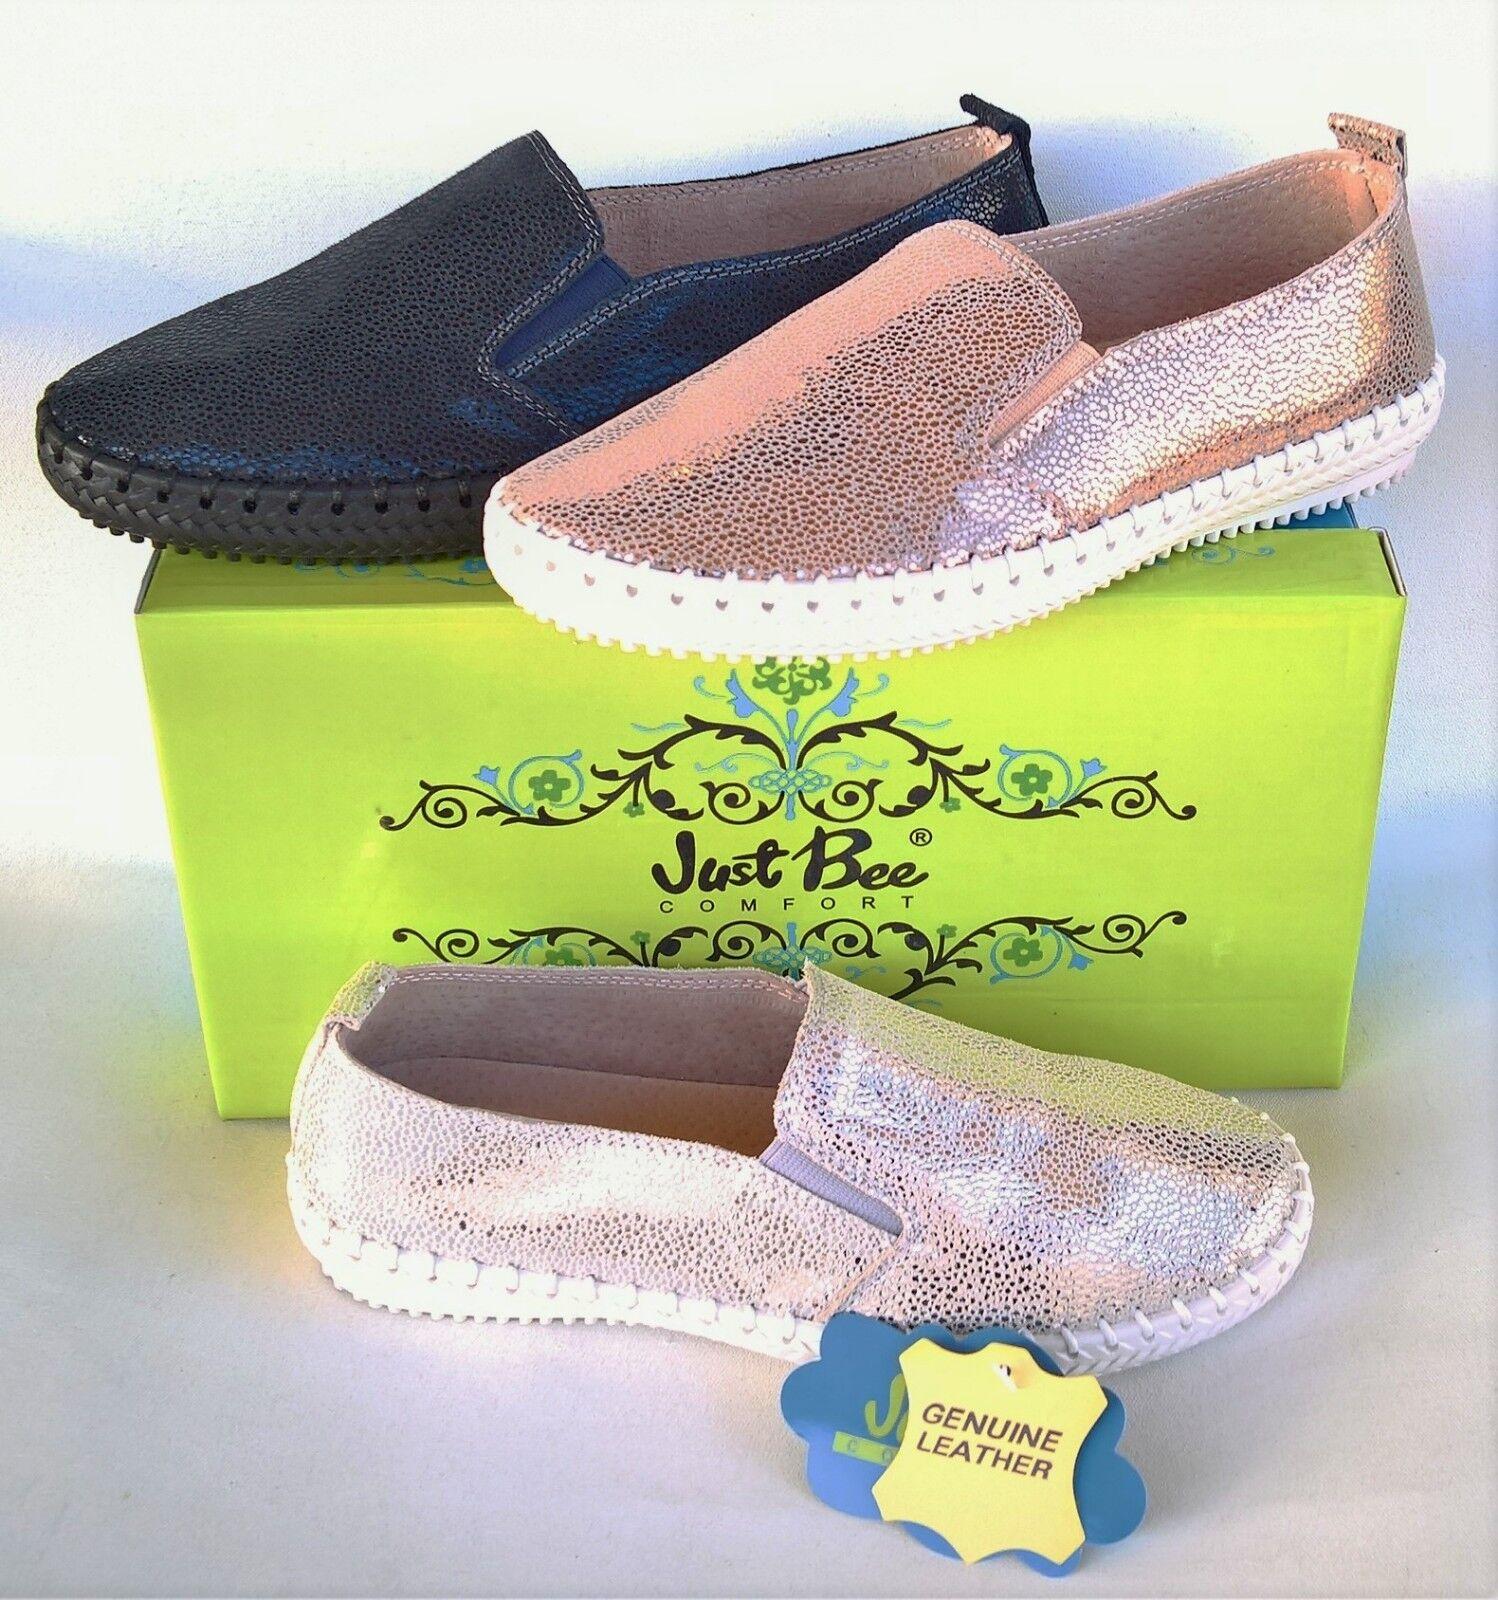 Leather  slip su appartamenti comfort Solo Bee scarpe Coble  all'ingrosso a buon mercato